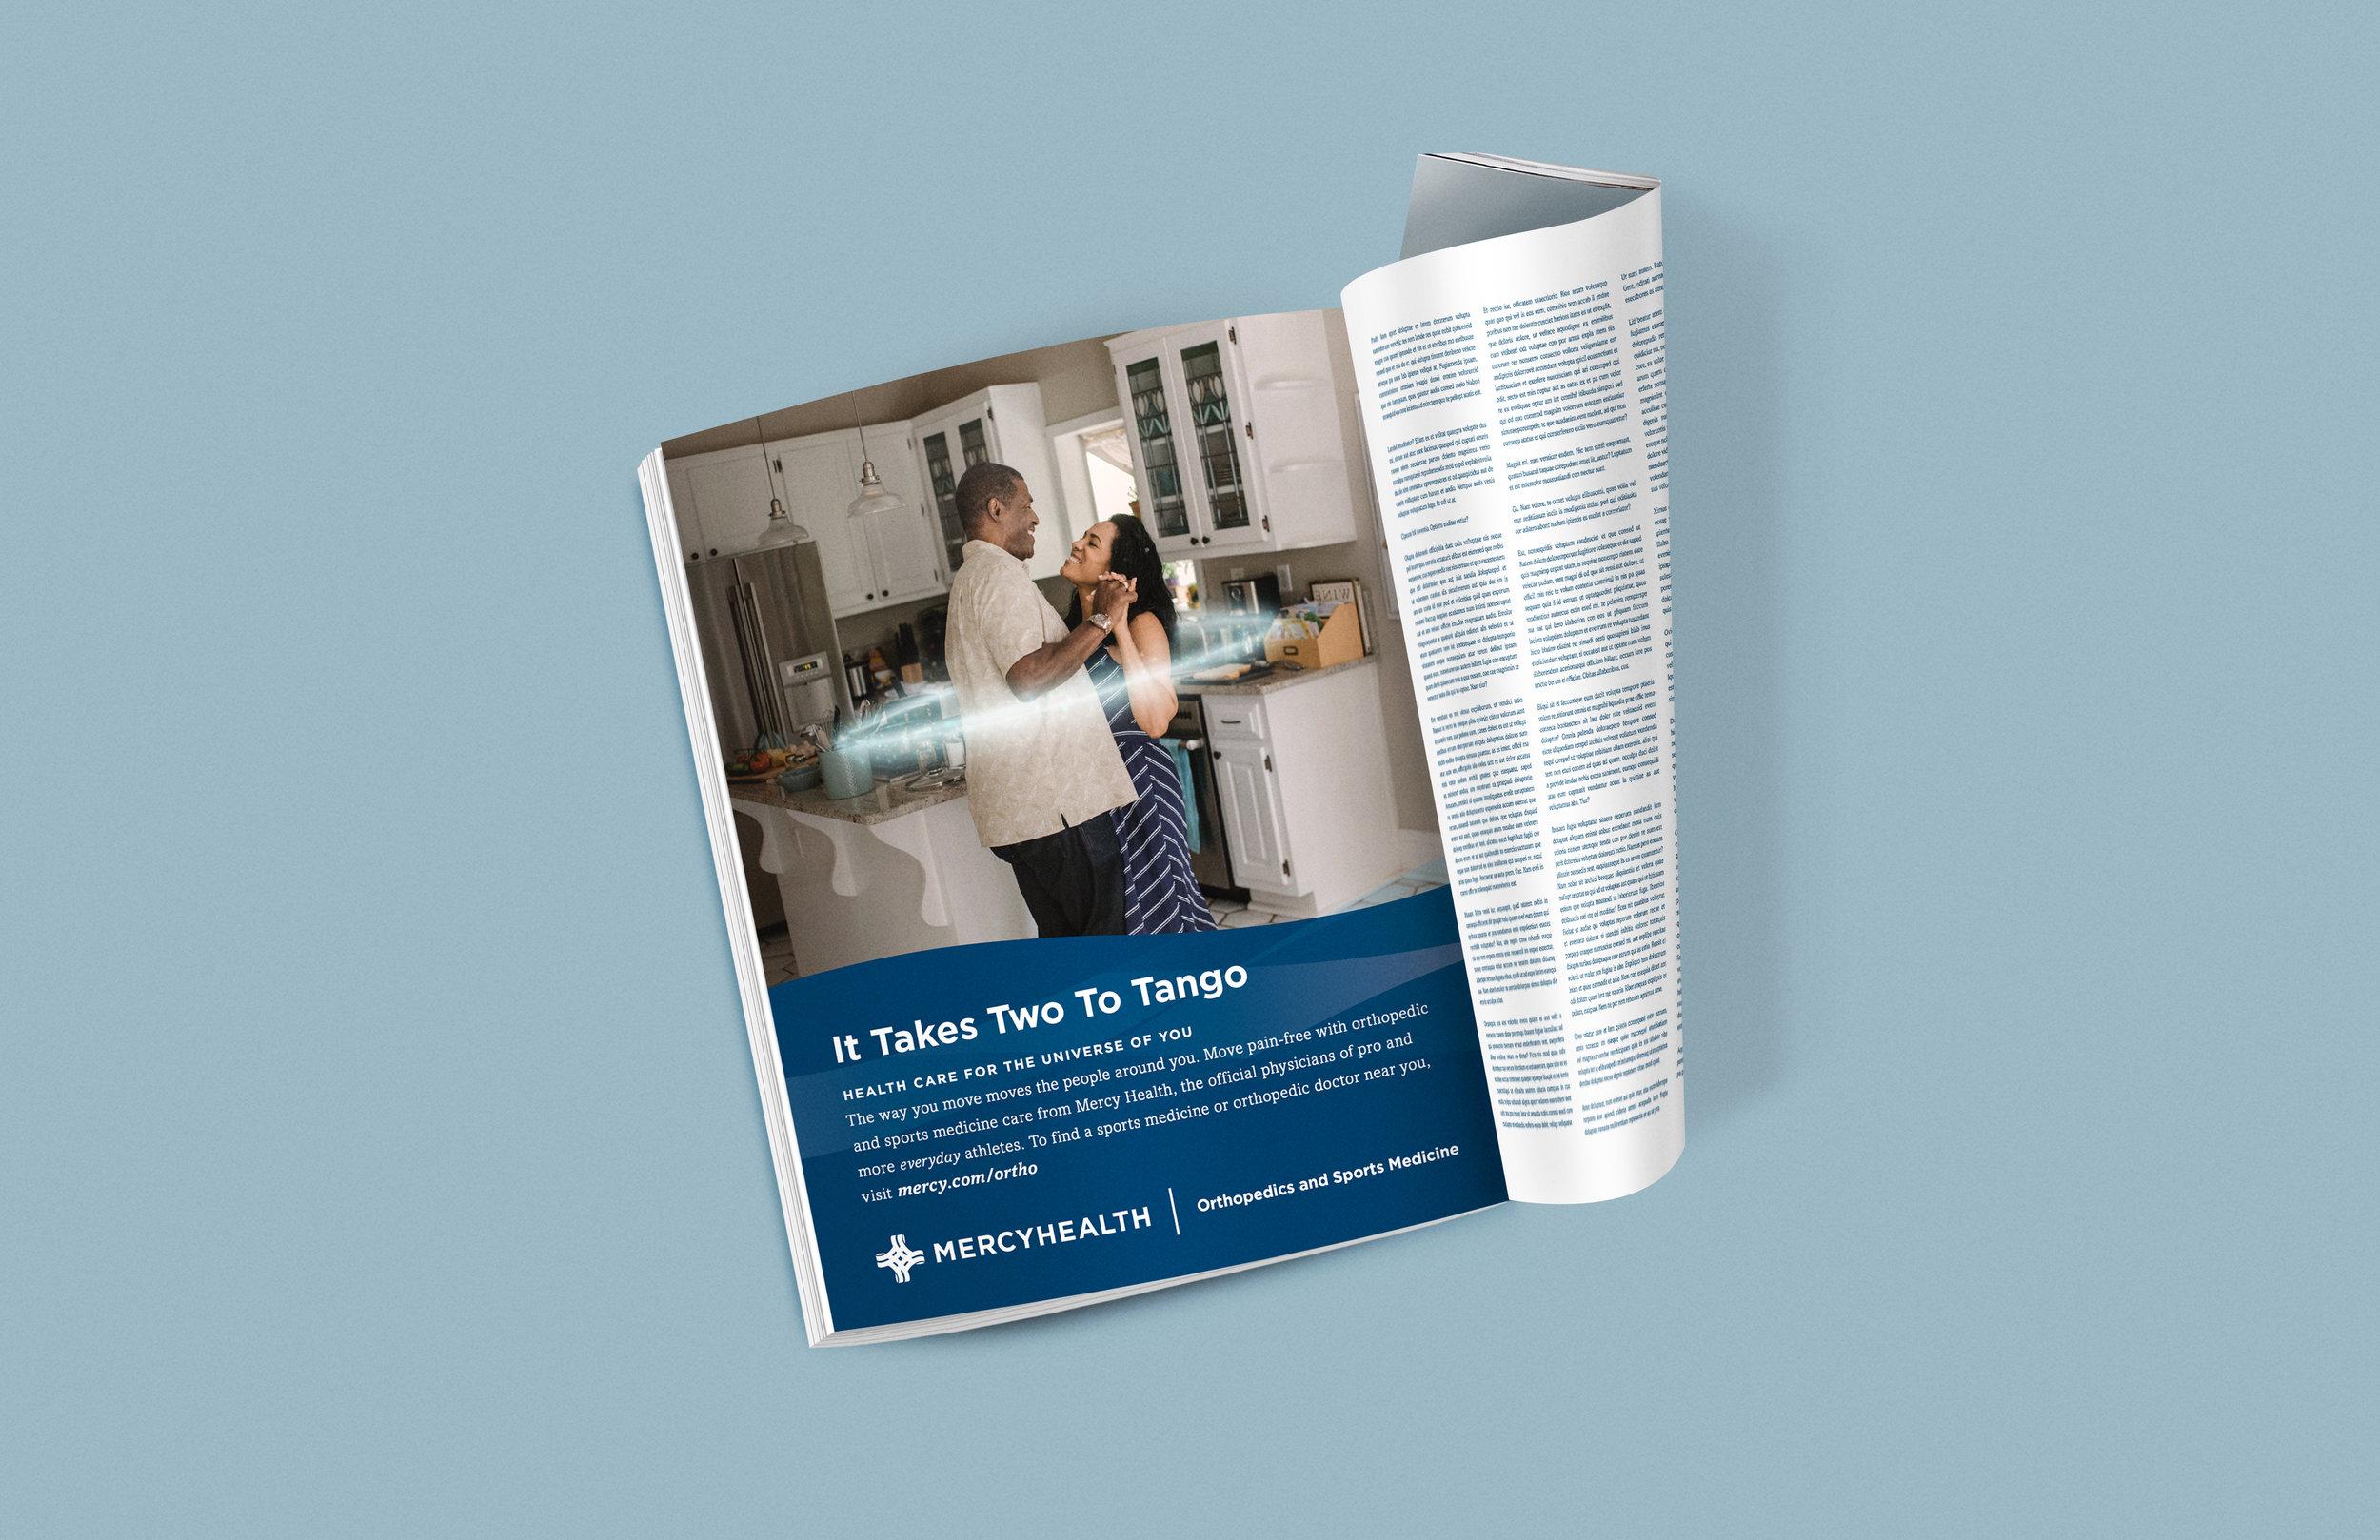 print-1 copy.jpg